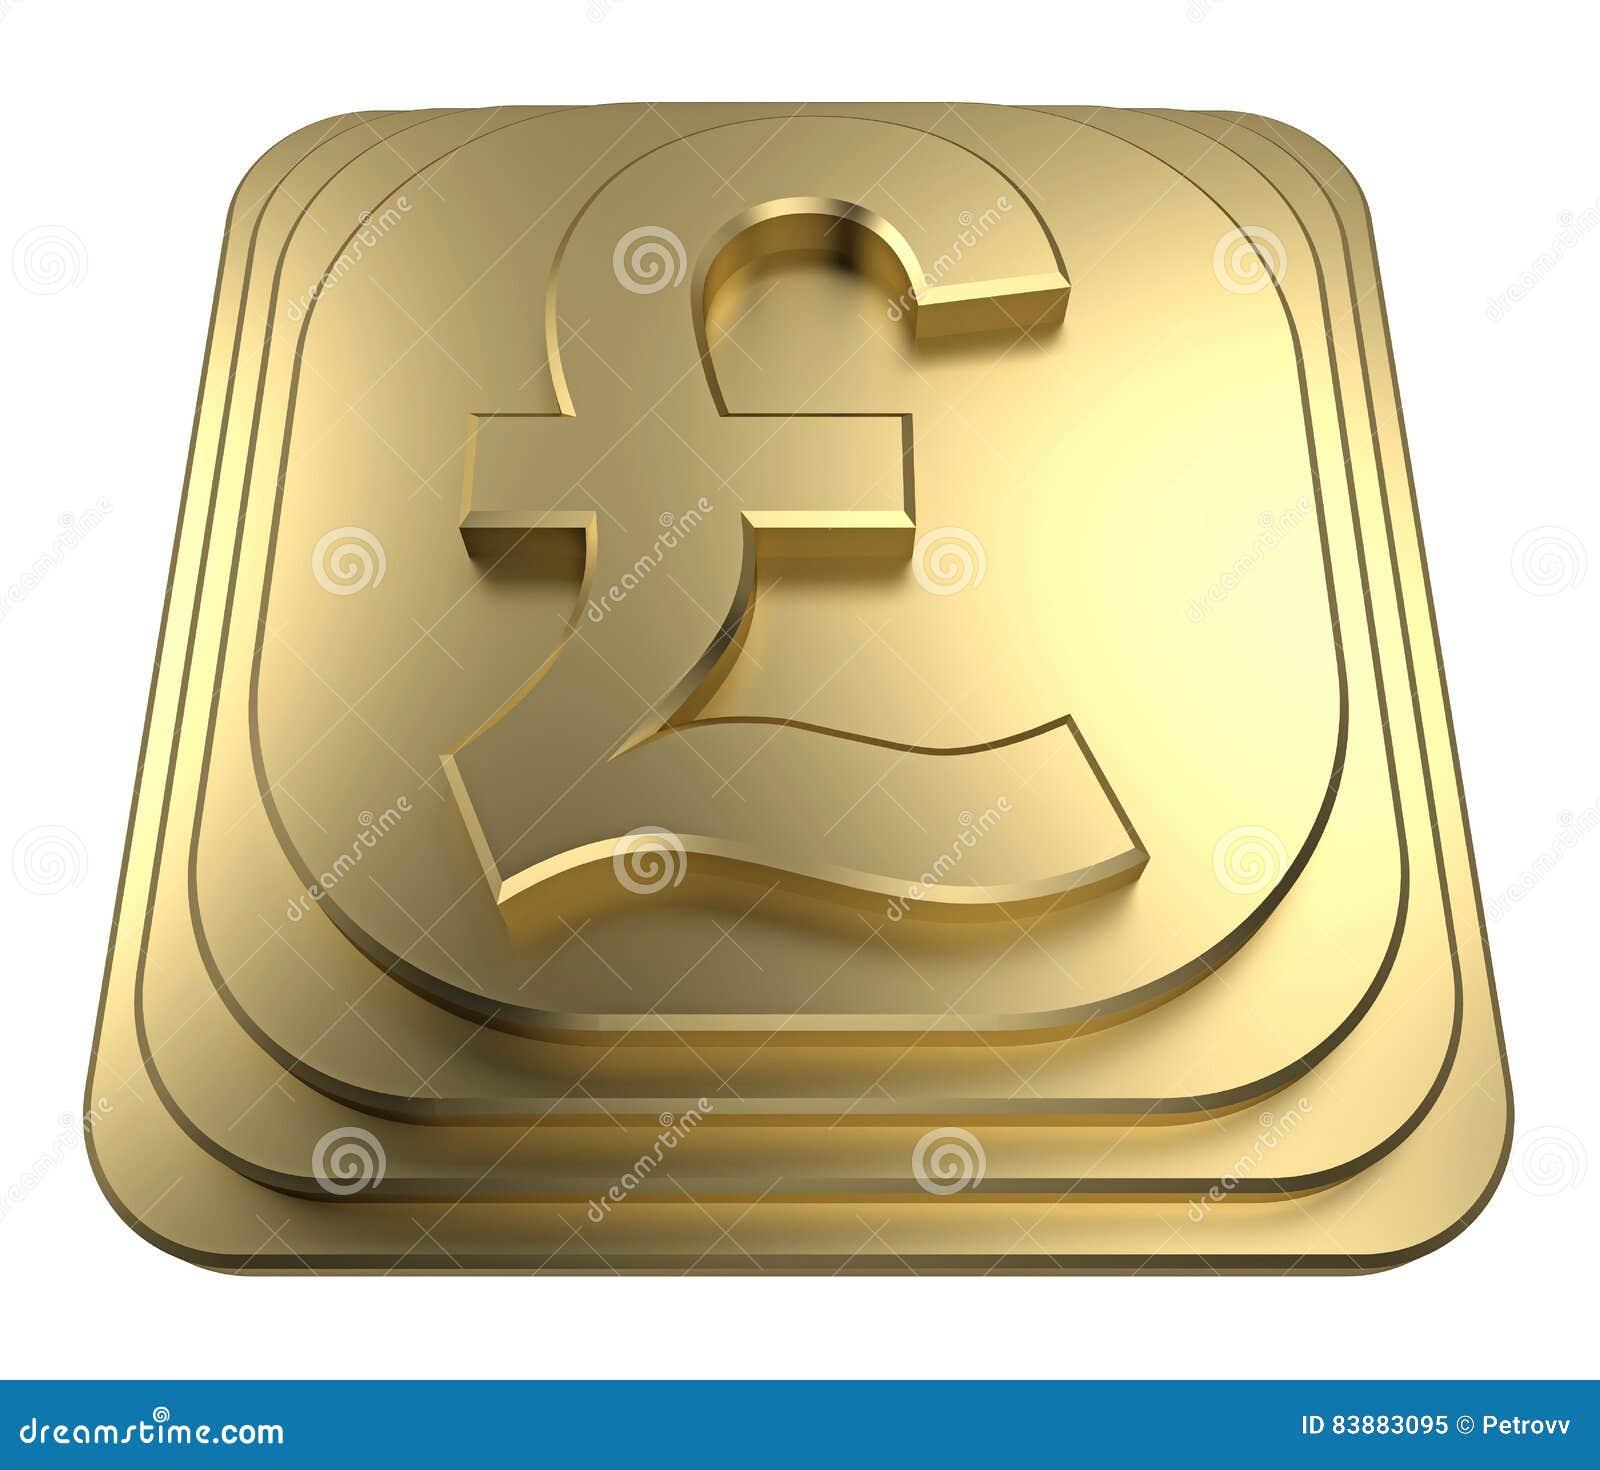 Gold Pound Symbol On A Pedestal 3d Rendering Stock Illustration